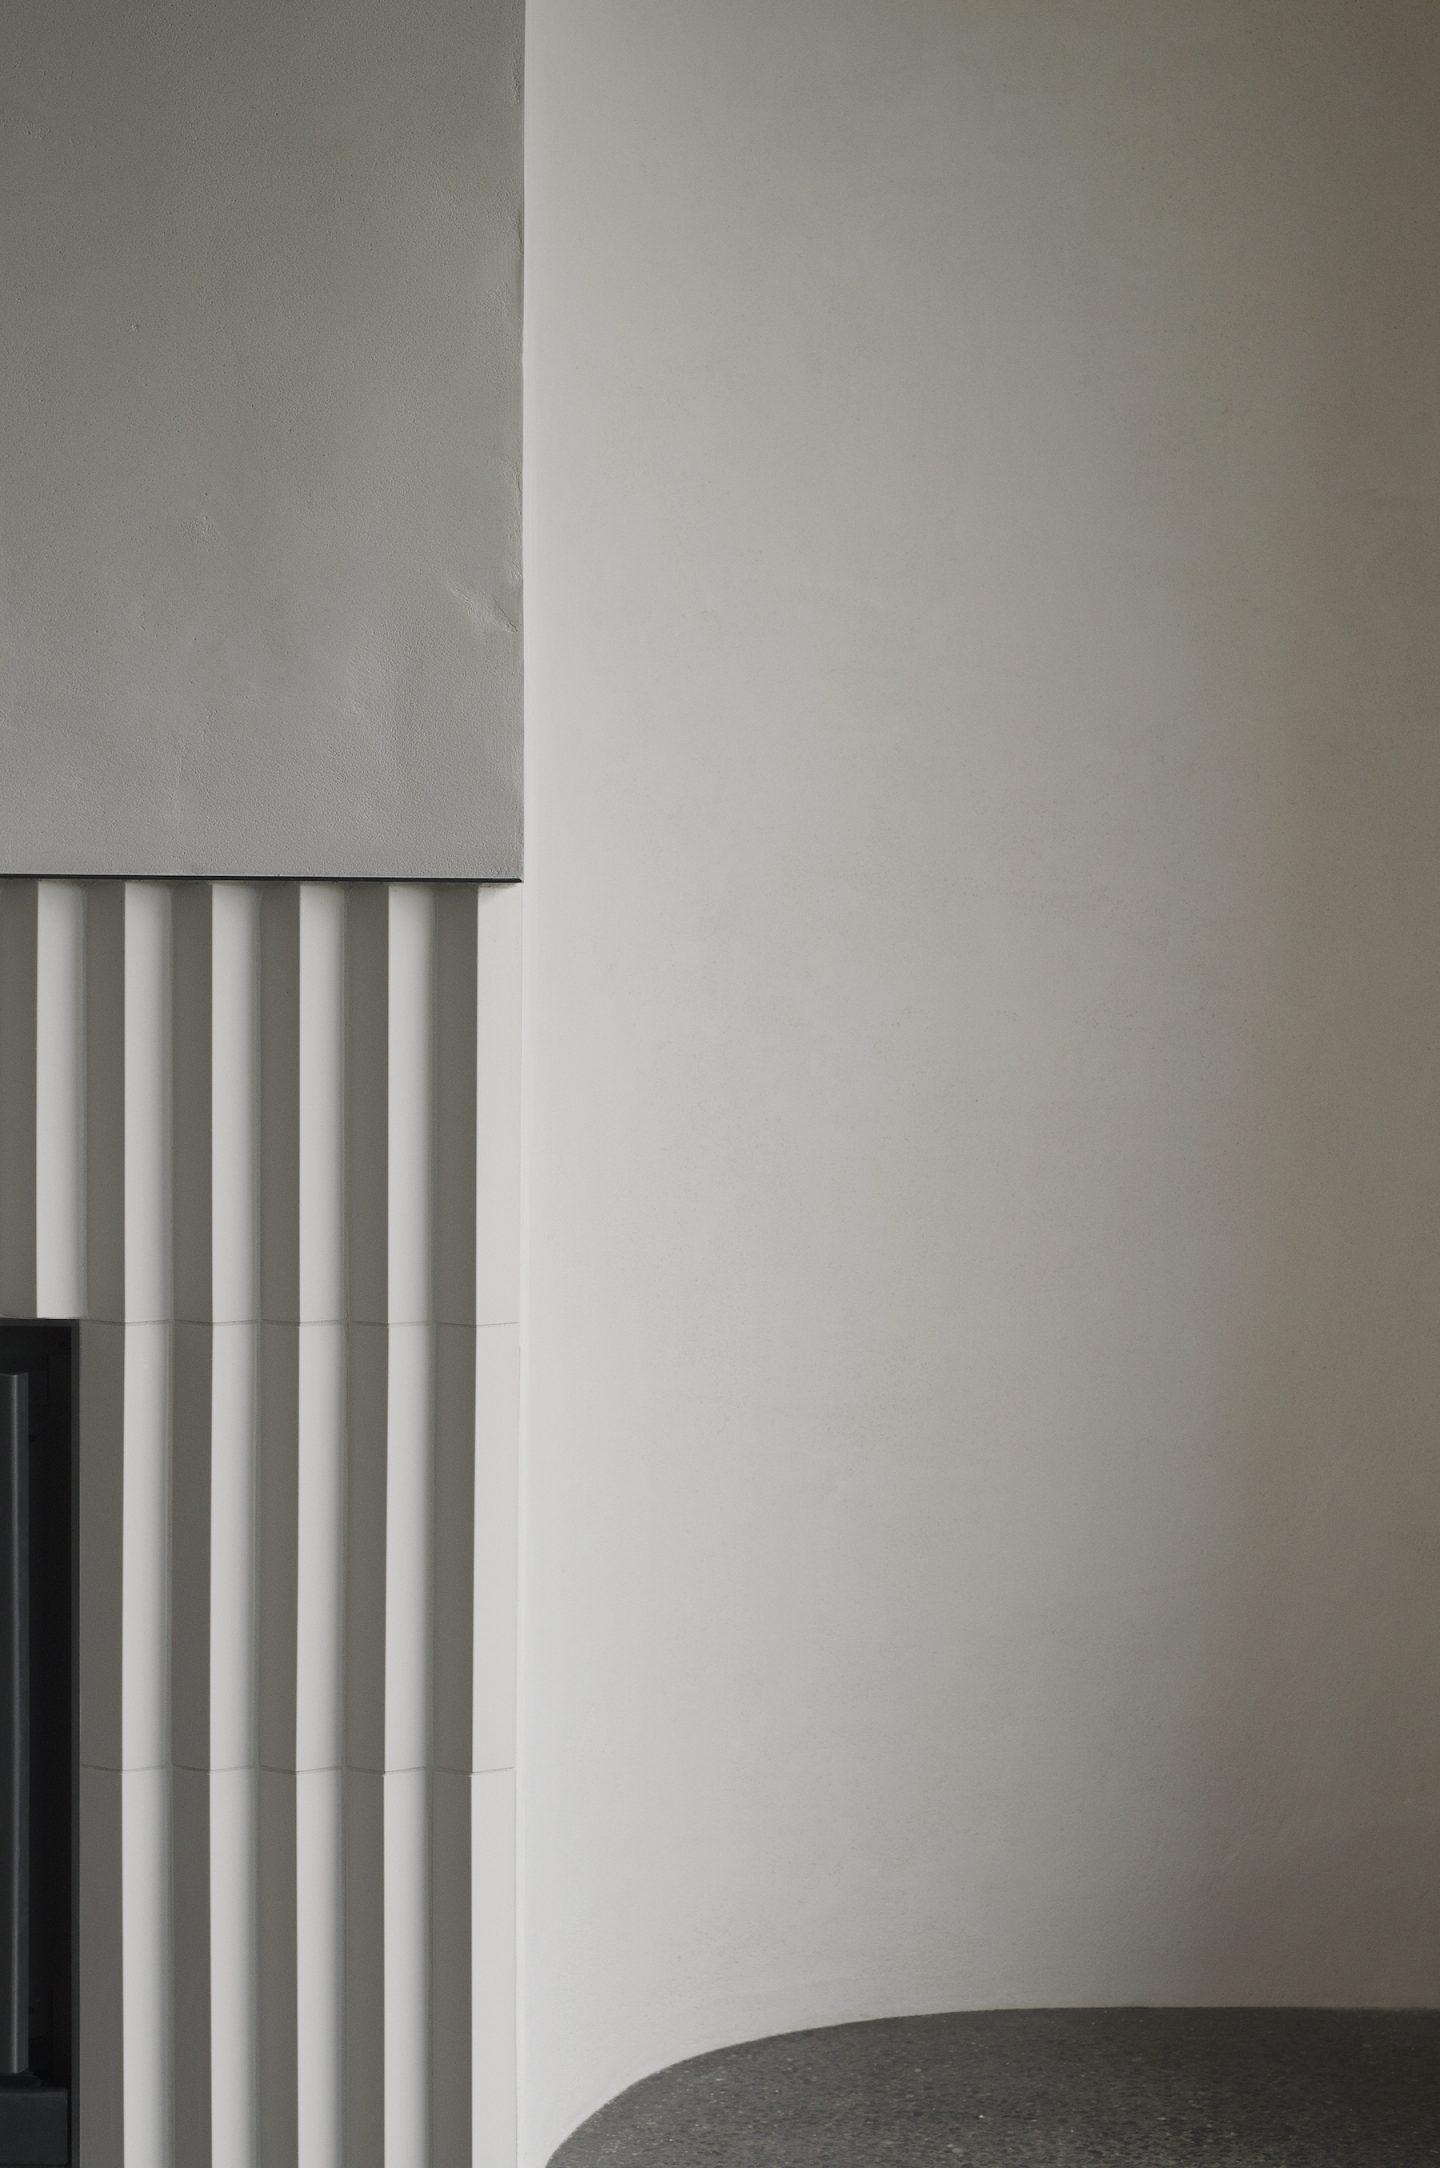 IGNANT-Architecture-Atelier-Barda-Maison-Gauthier-02